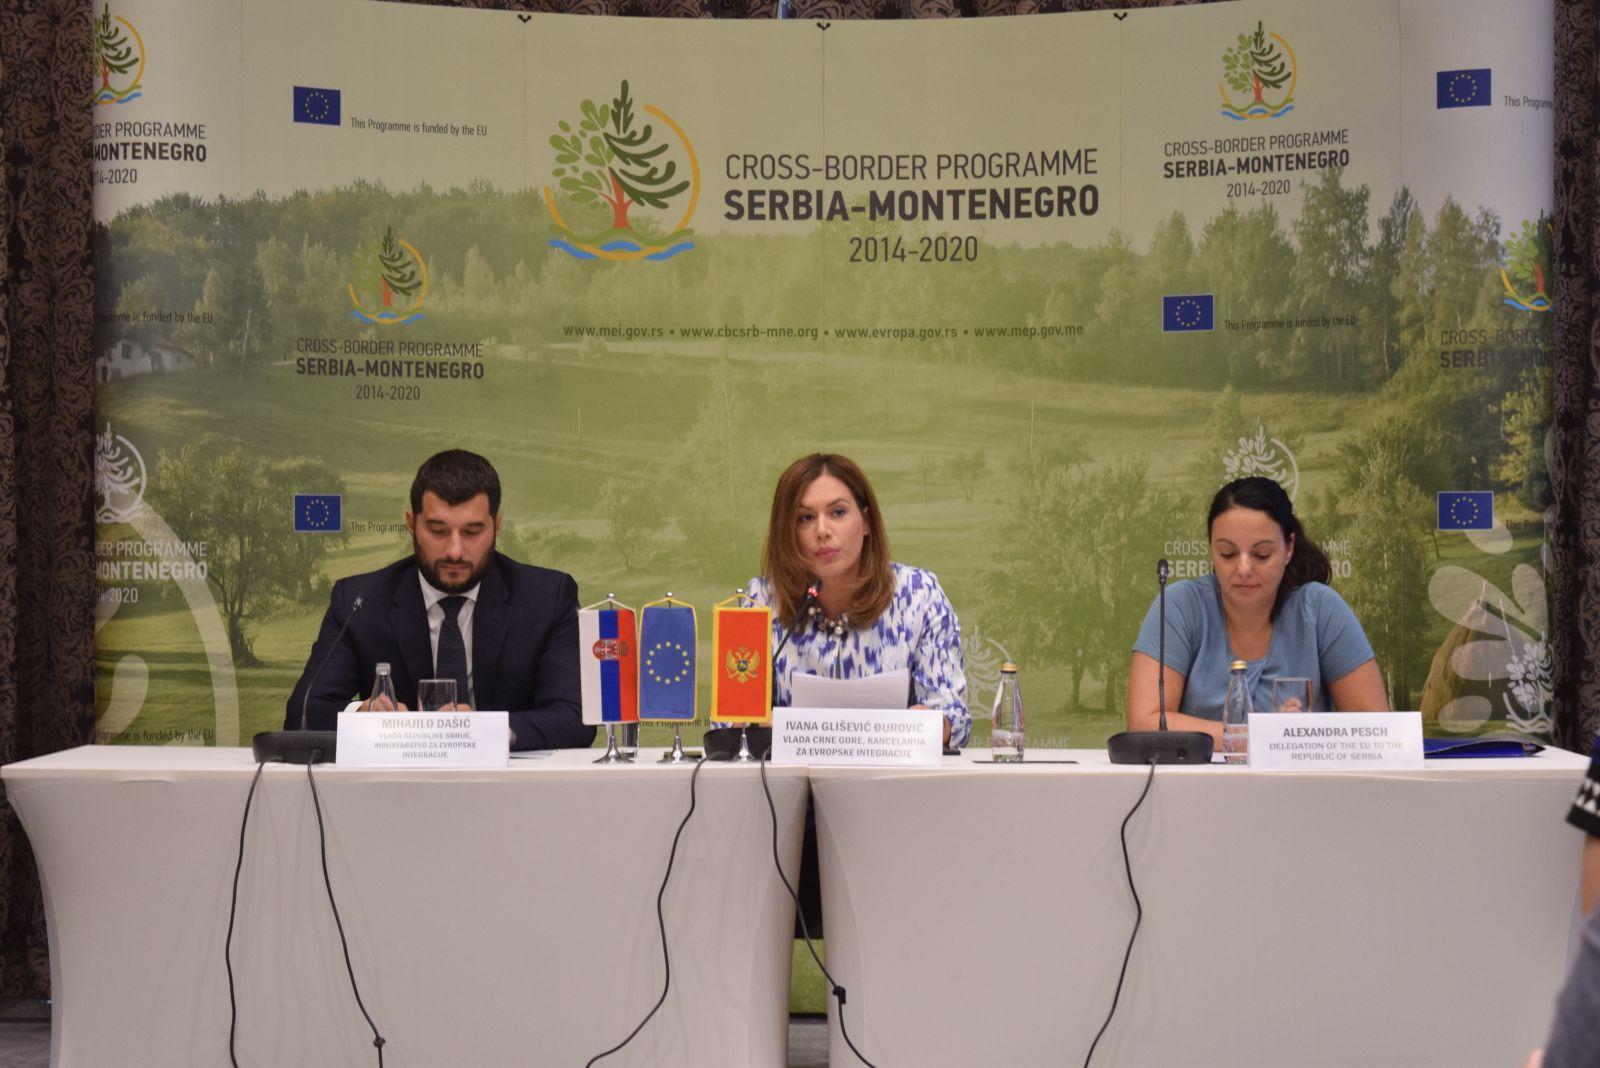 Одржана конференција поводом расписивања Другог позива за подношење предлога пројеката у оквиру ИПА Програма прекограничне сарадње Србија - Црна Гора 2014 - 2020